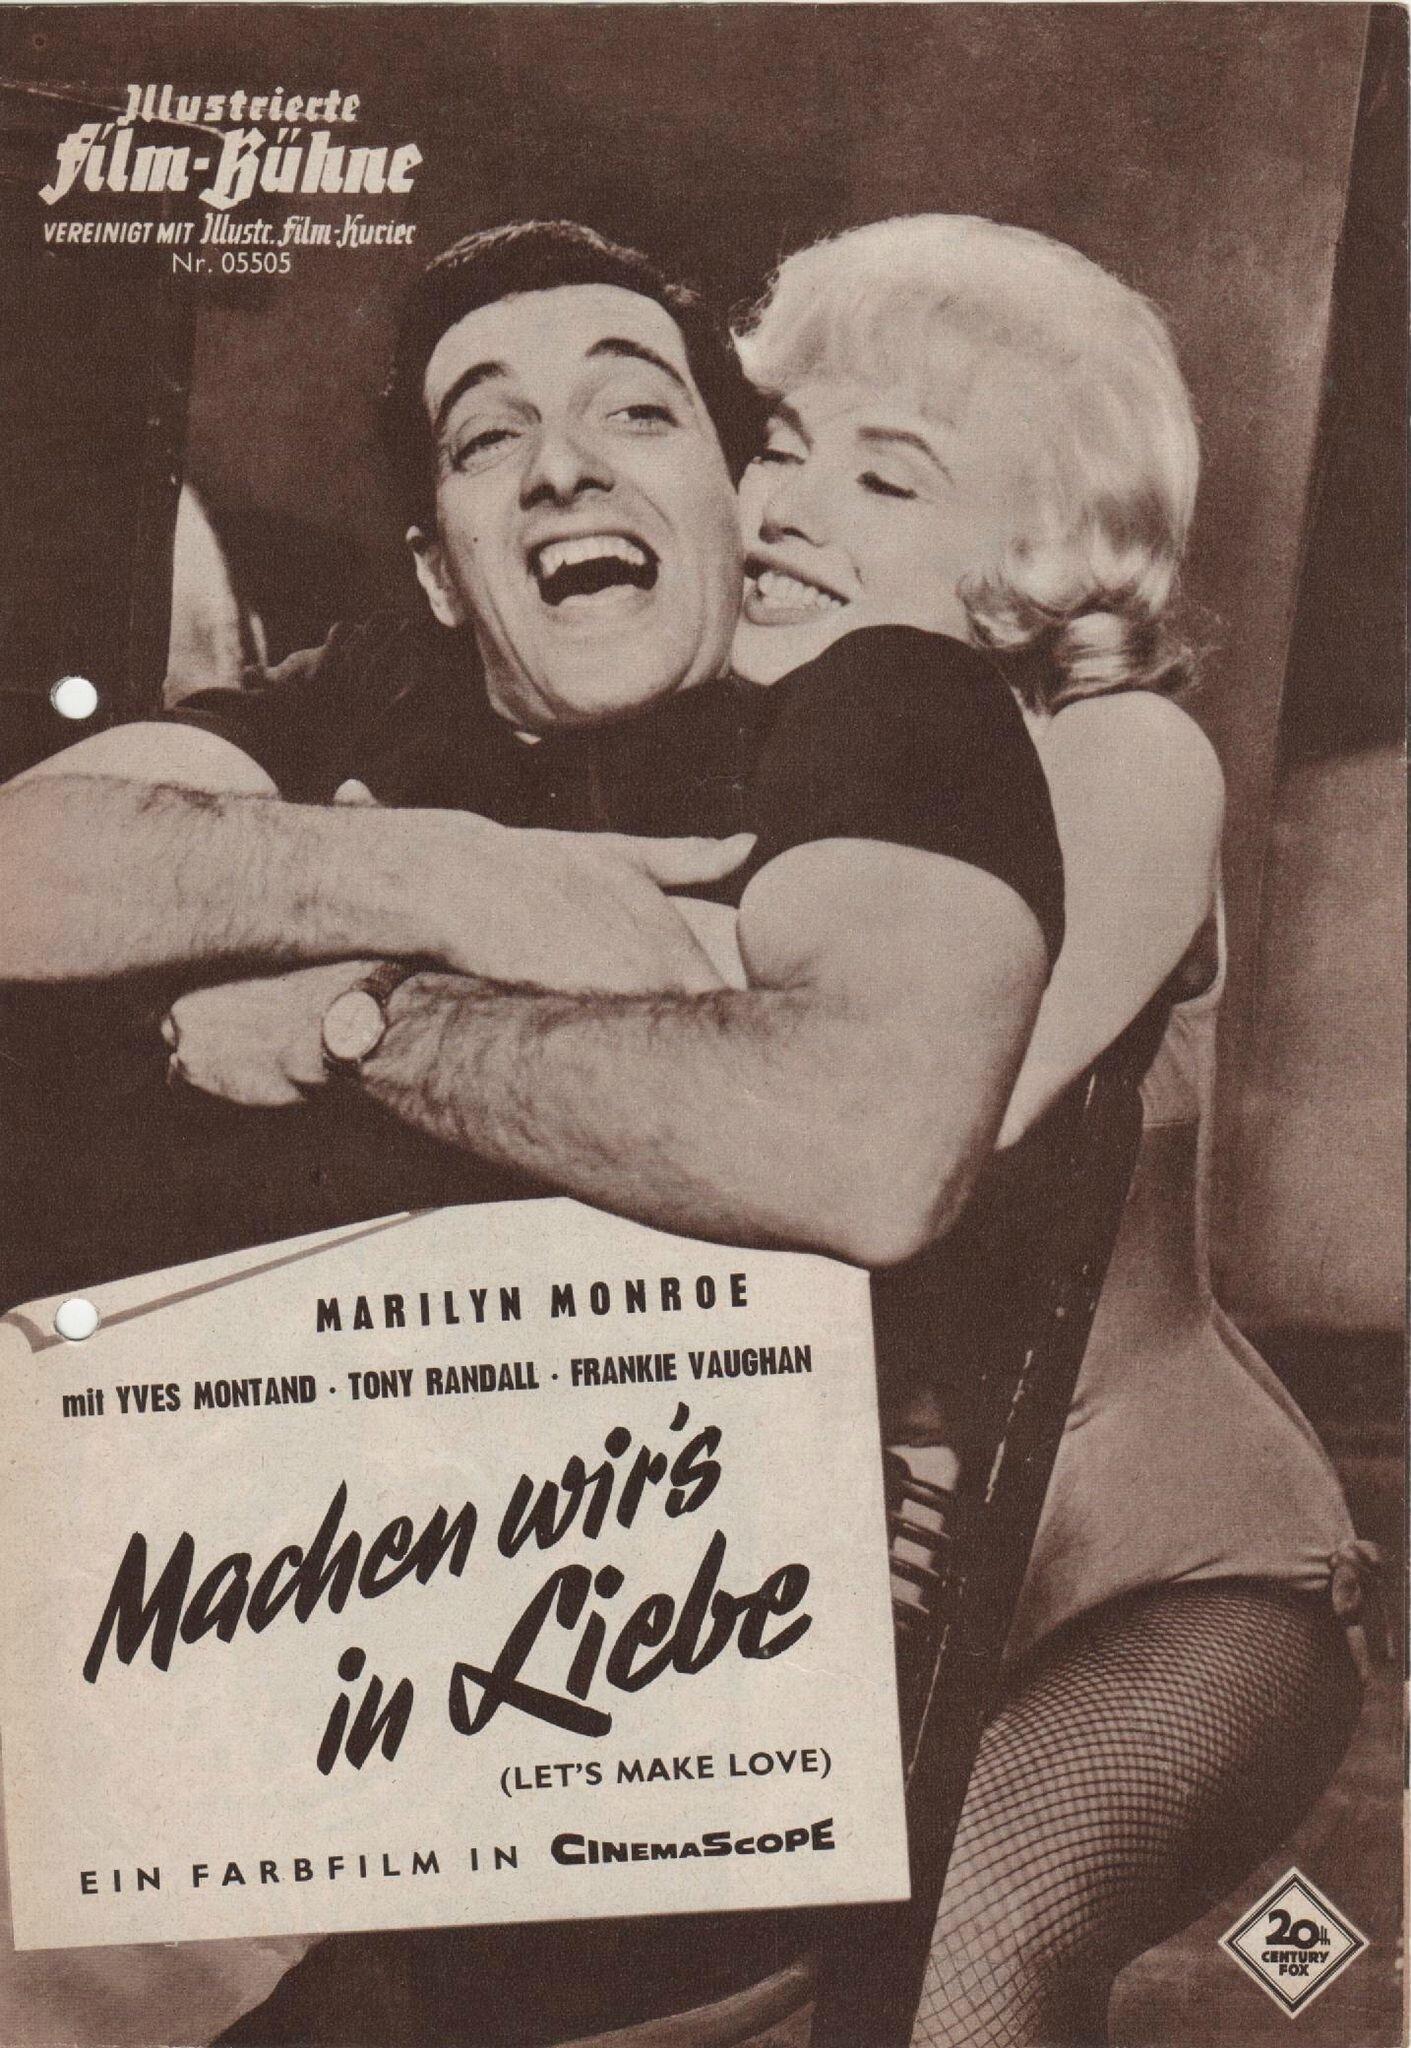 1960-illustrierte_film_buhne-allemagne